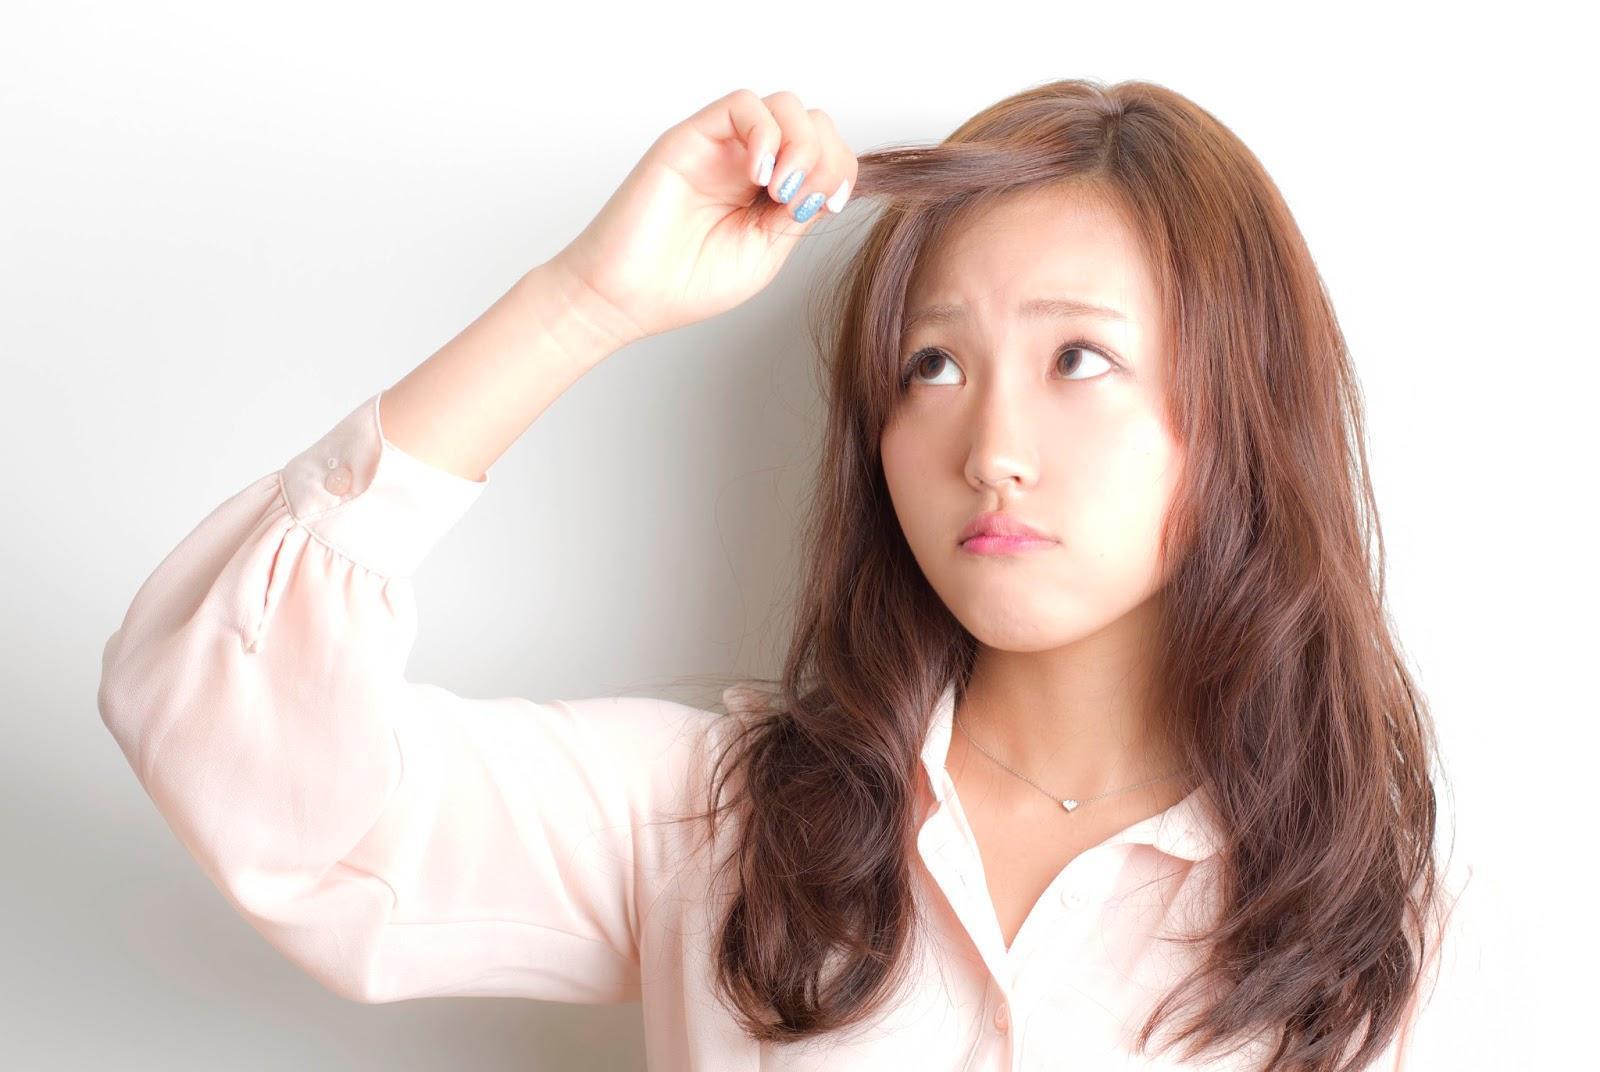 伸びかけの前髪はアレンジ次第で快適&オシャレ!図解で簡単紹介のサムネイル画像